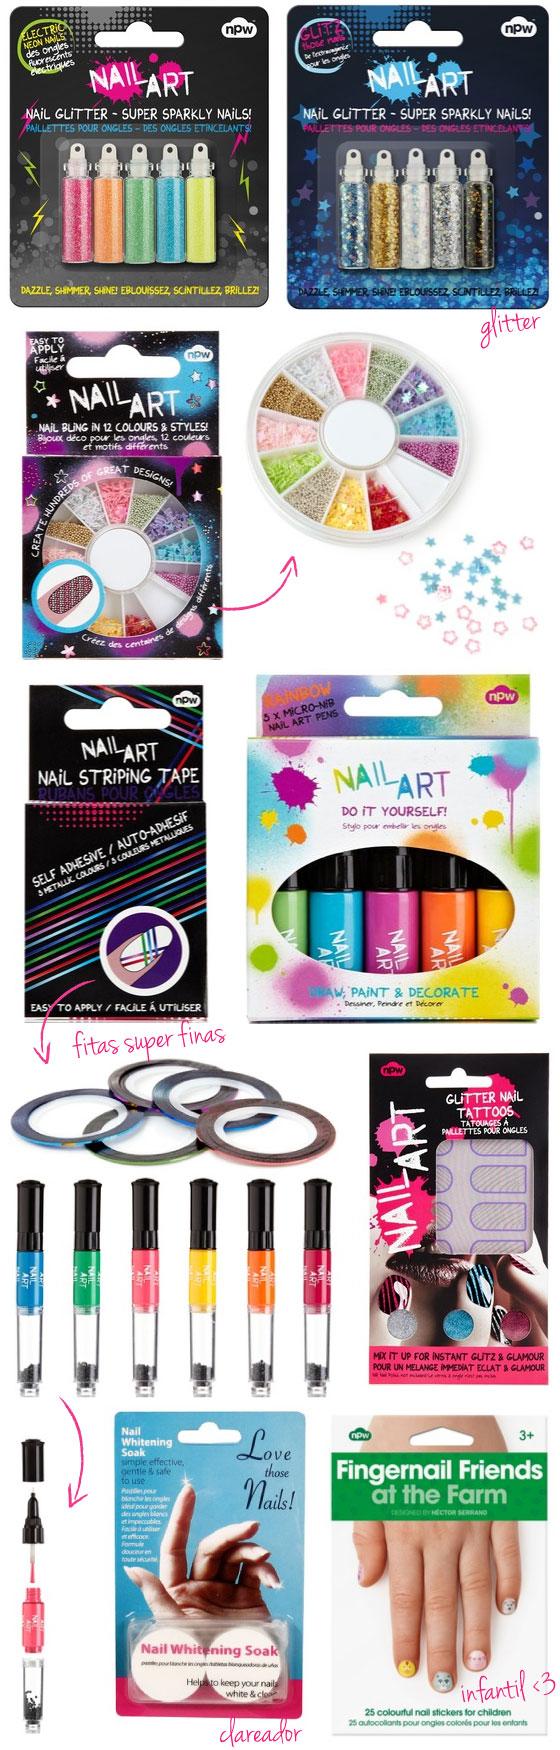 NPW,-nail-art,-esmalte,-glitter,-unhas,-pedrinhas,-fimo,-paete-adesivo-unha-infantil-fitinha-unha-esmalte-nail-art